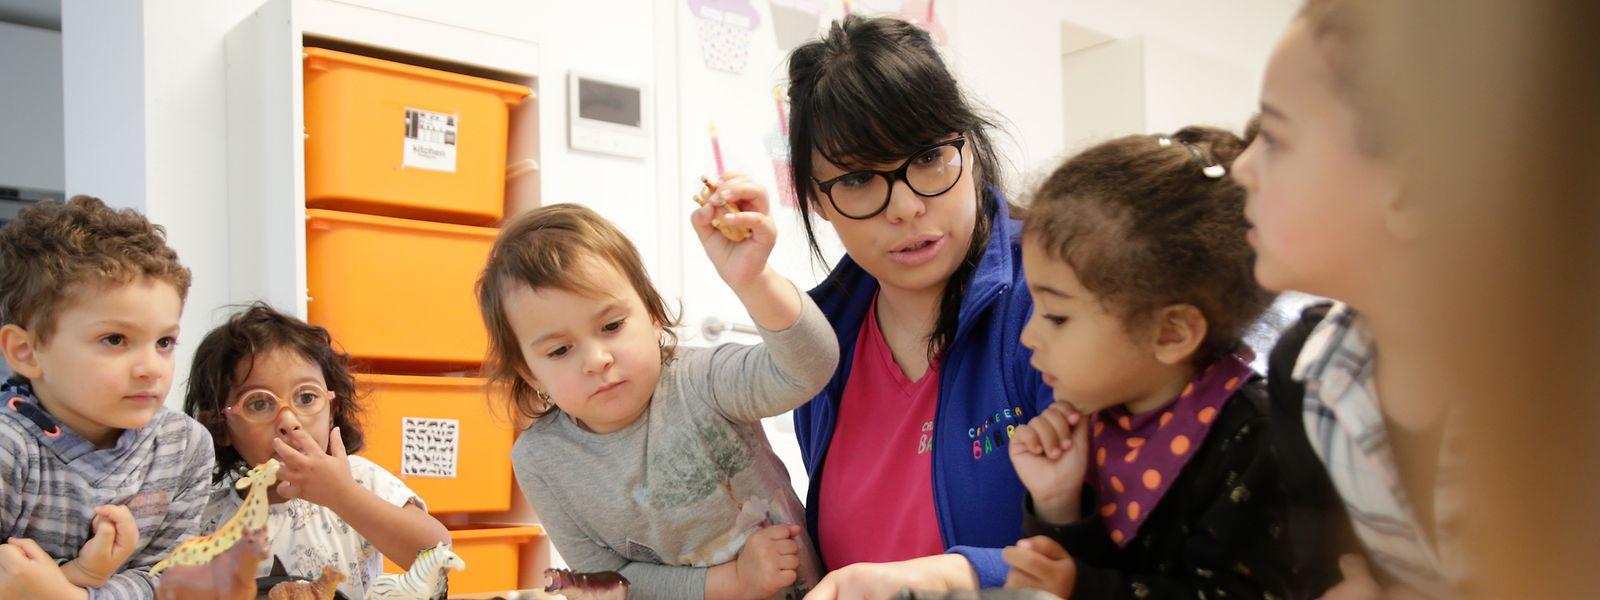 Détresse physique, sociale, psychologie: tout enfant doit être protégé de ces maux.